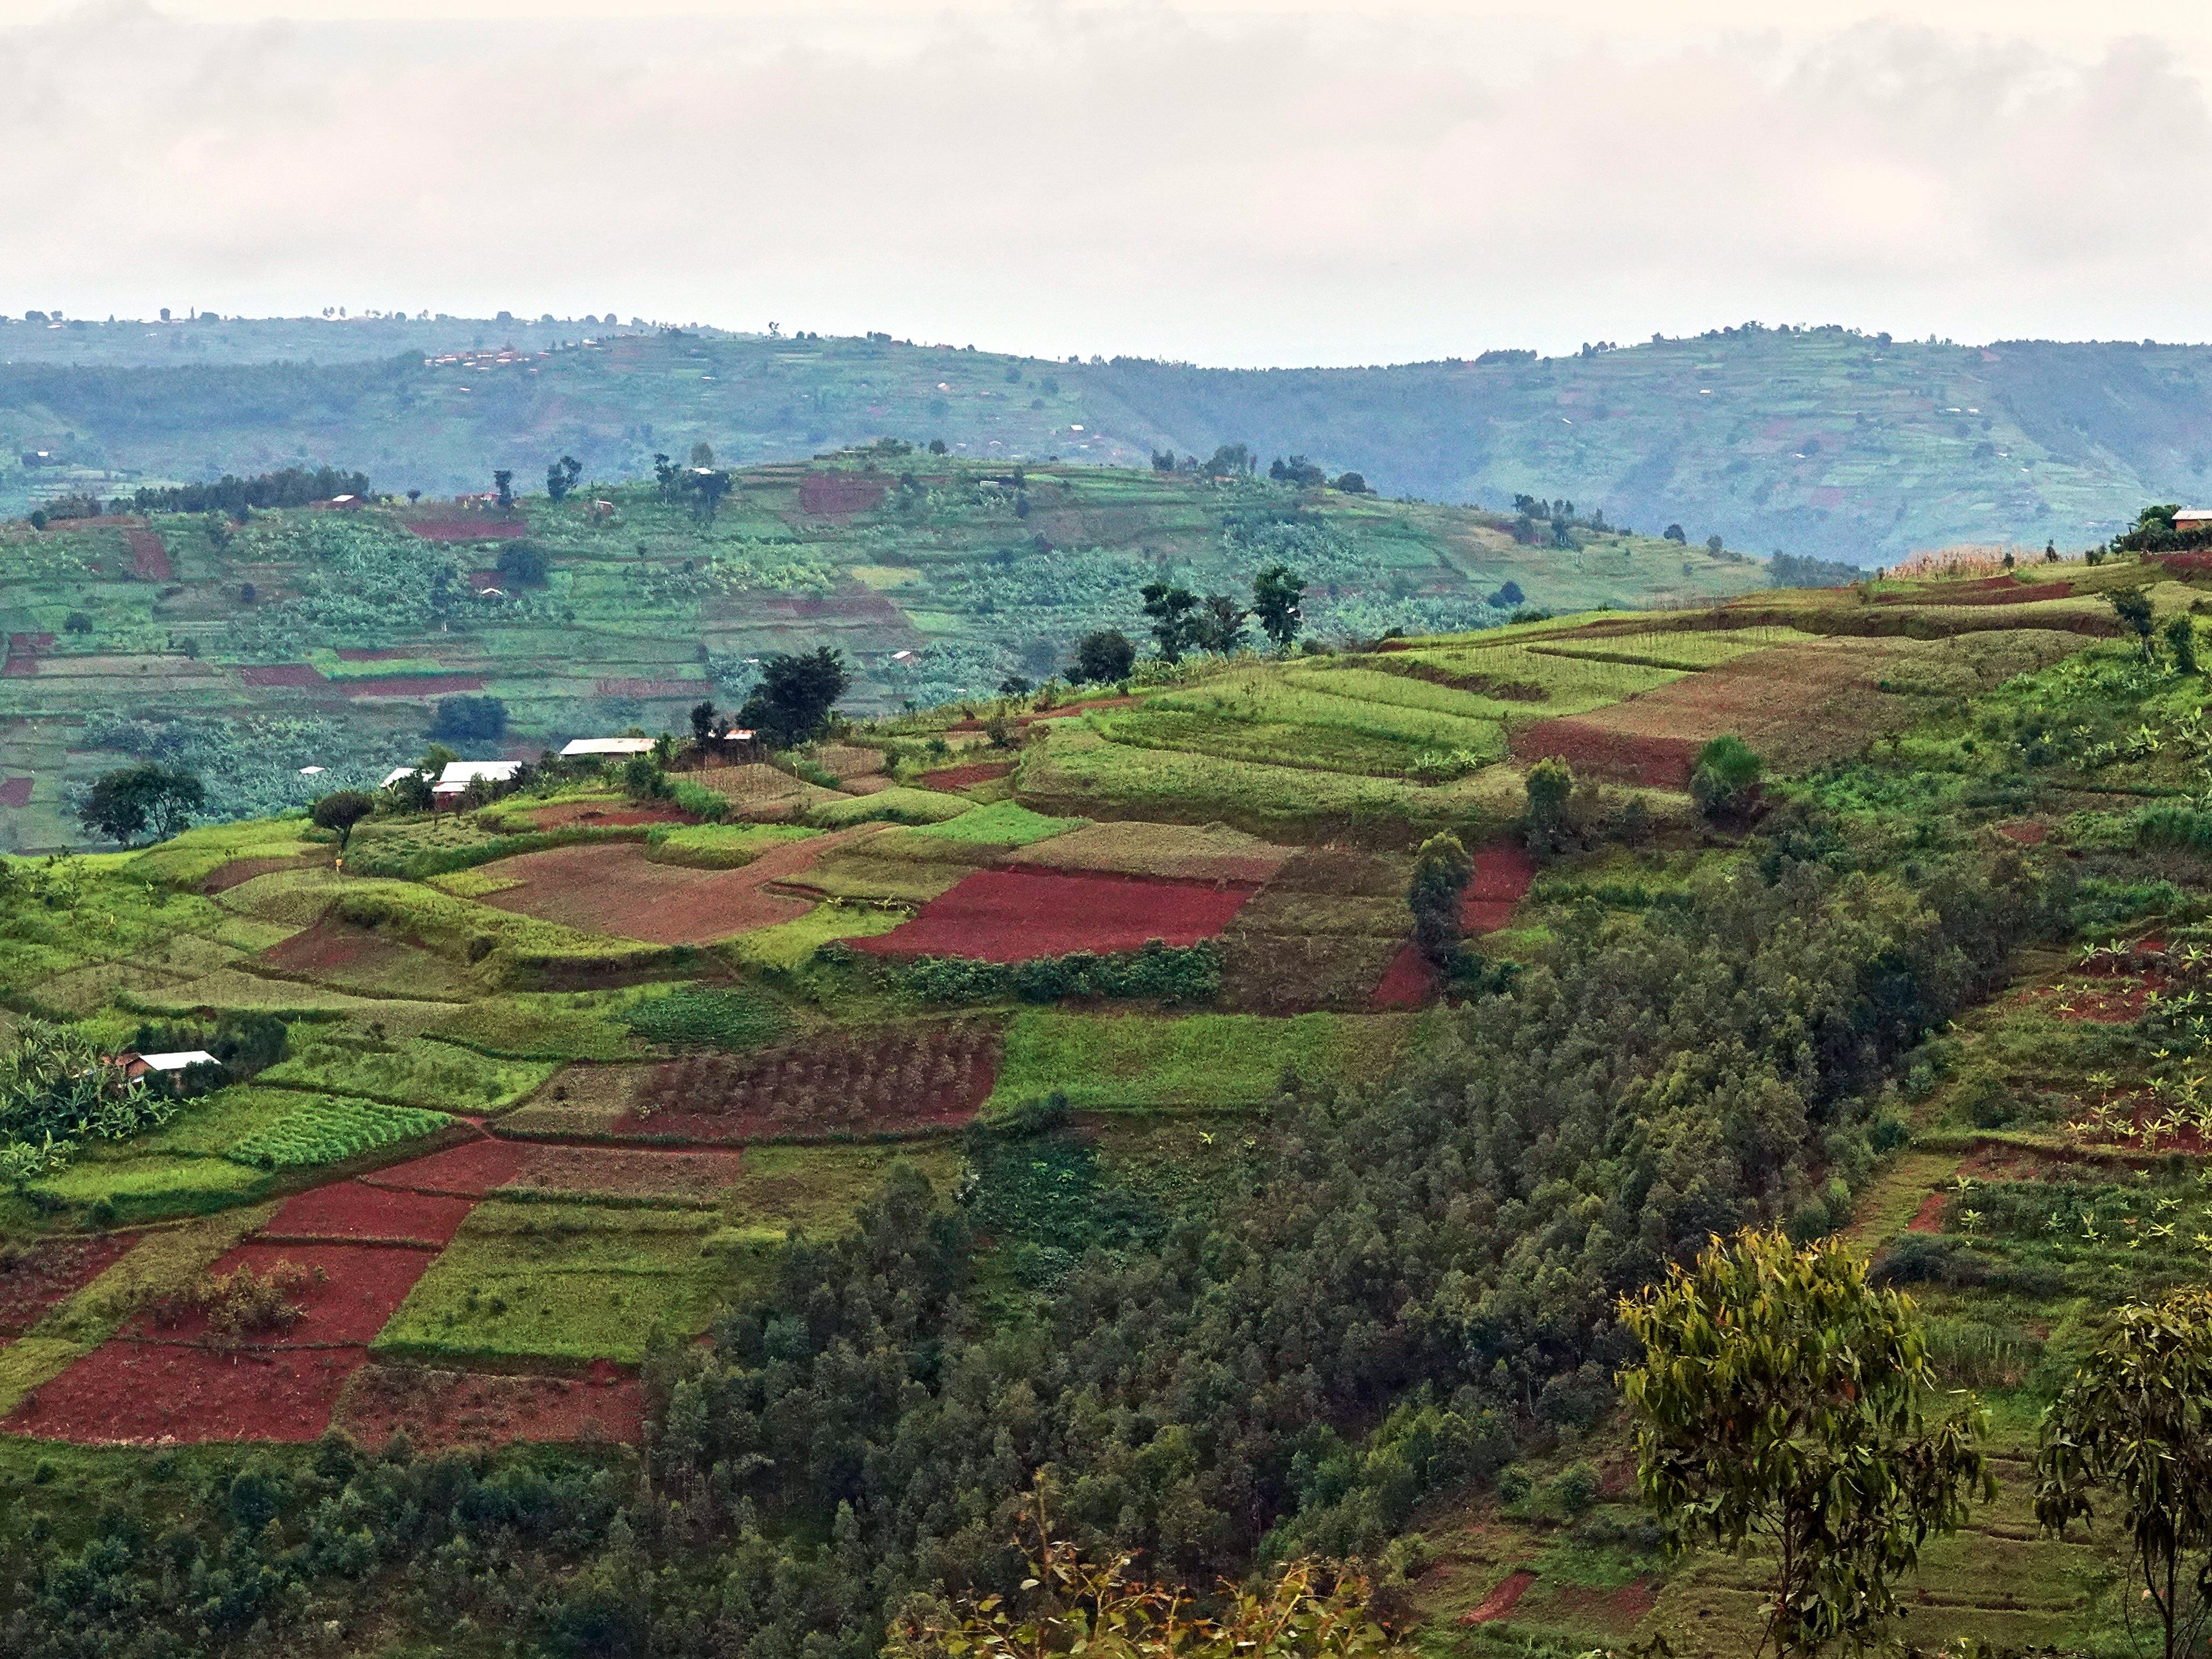 Des terres cultivées vues de haut. On dirait une courtepointe.